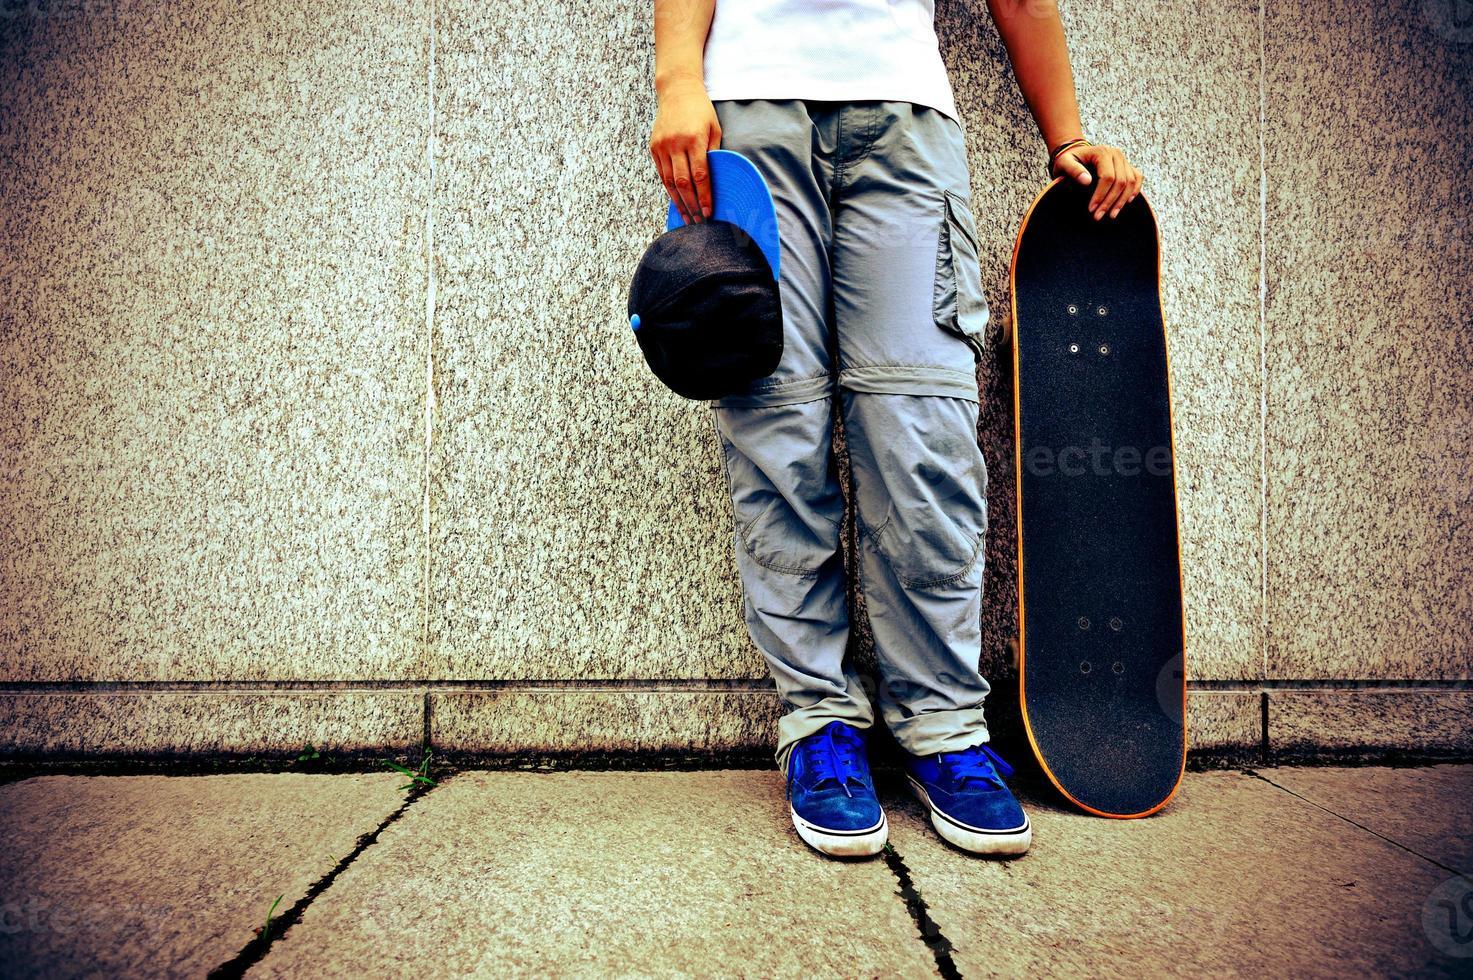 skateboardhoppning foto